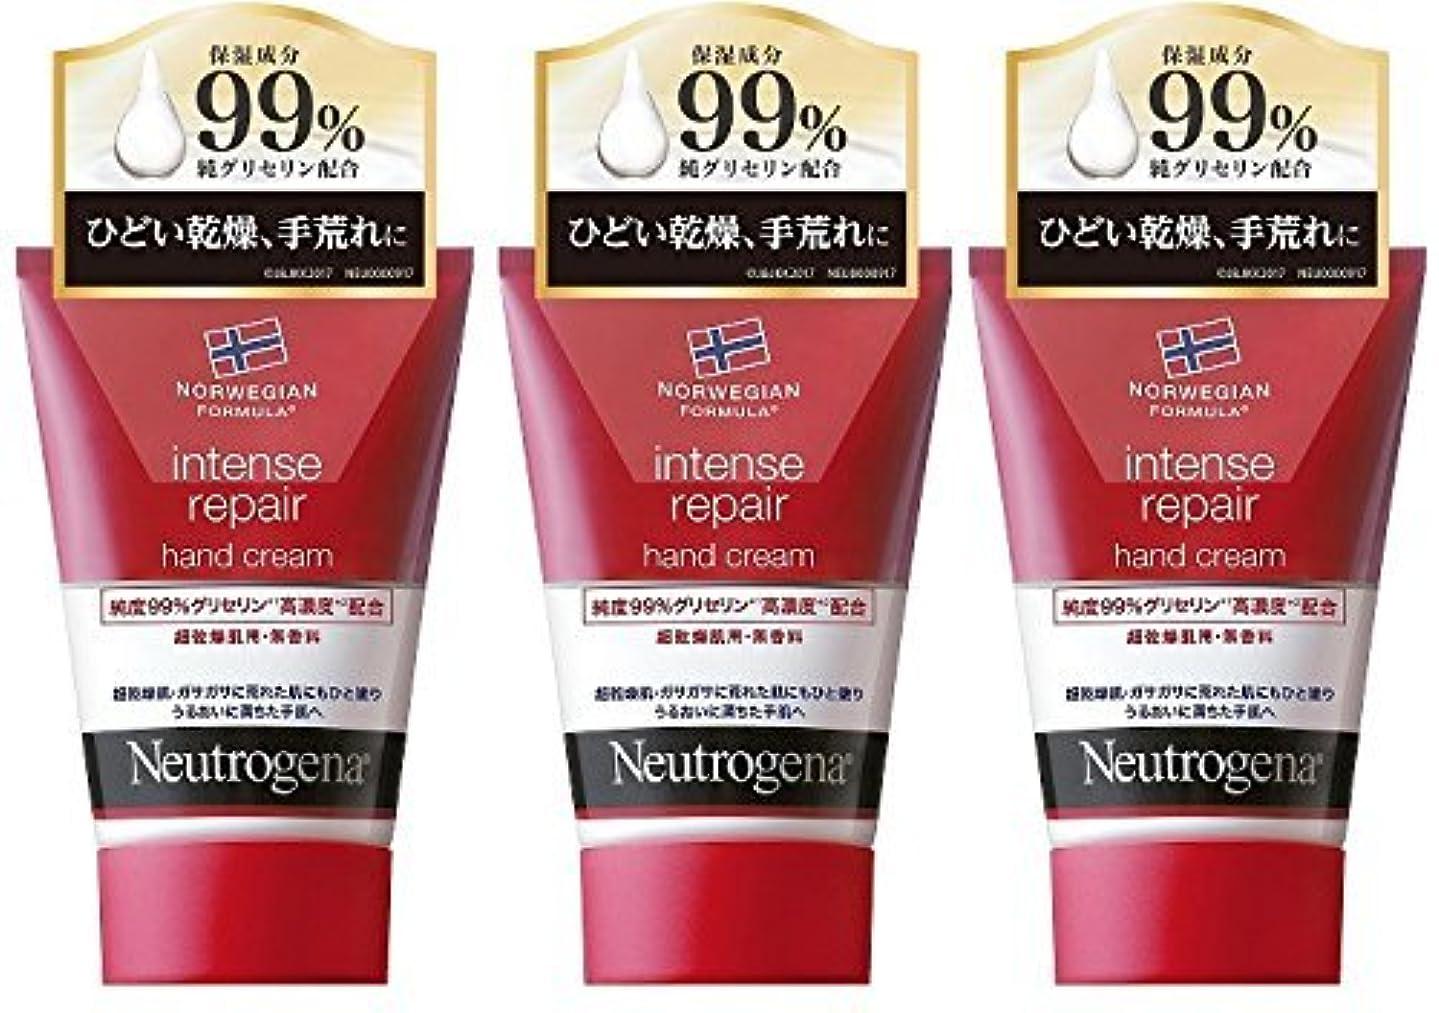 苦膨らみクライマックス【まとめ買い】Neutrogena(ニュートロジーナ) ノルウェーフォーミュラ インテンスリペア ハンドクリーム 超乾燥肌用 無香料 50g×3個